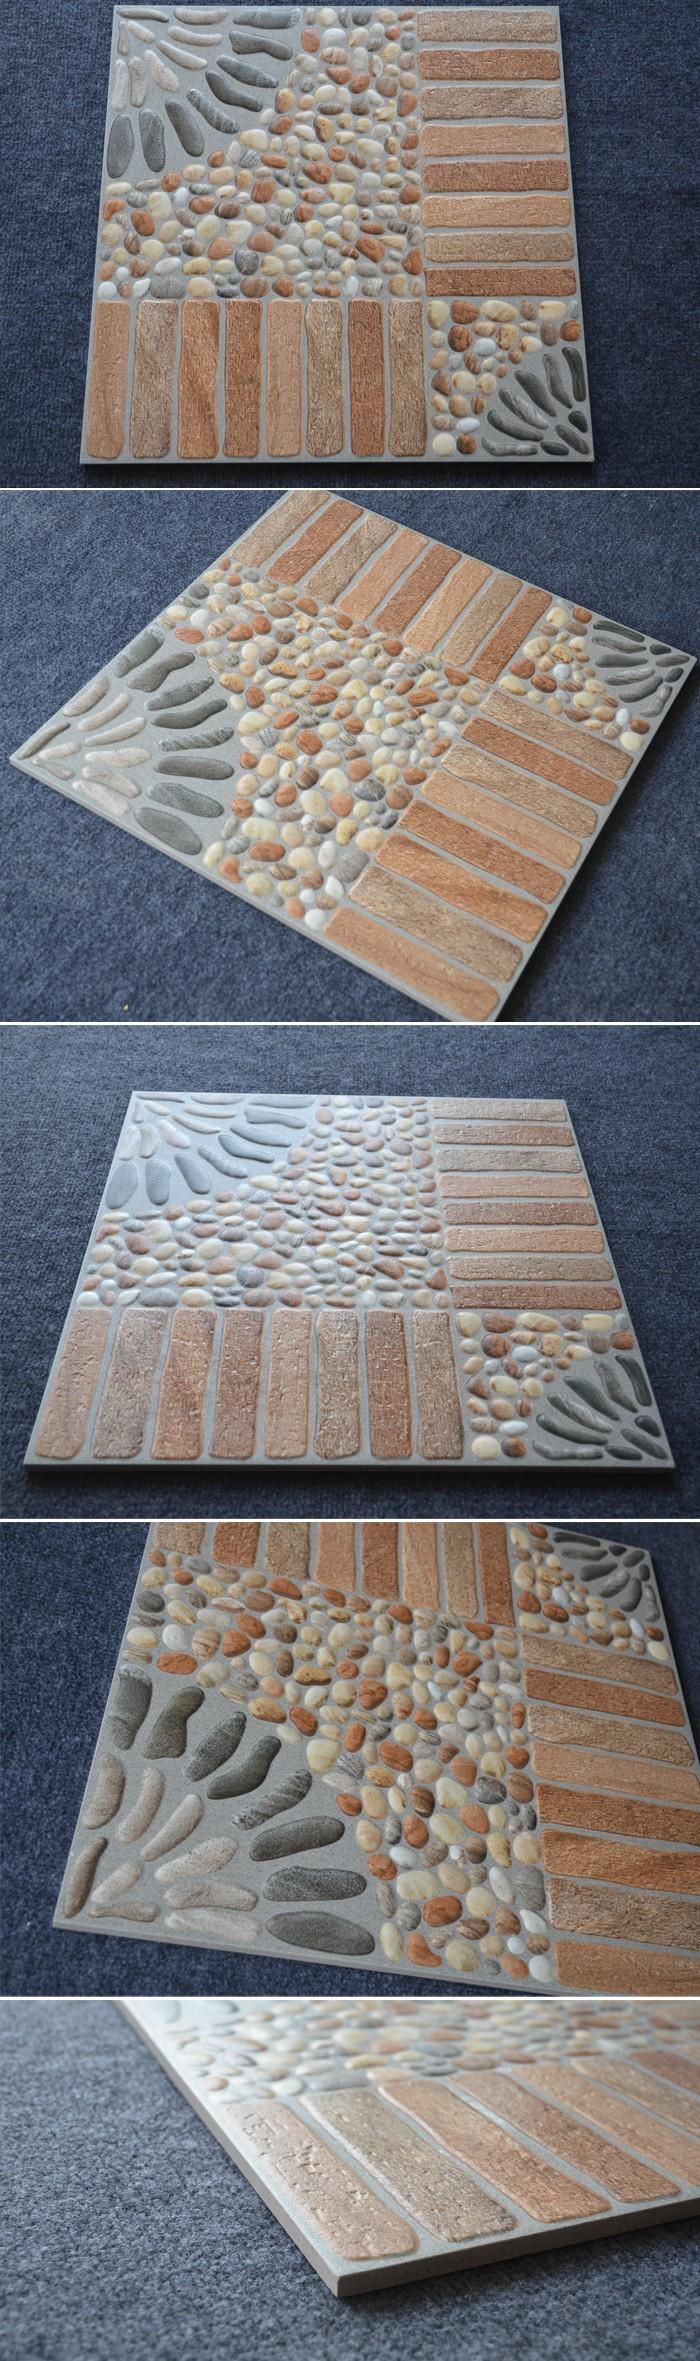 Hs40303 ceramic tile manufacturer malaysiacobblestone floor tile hs40303 ceramic tile manufacturer malaysiacobblestone floor tile doublecrazyfo Choice Image